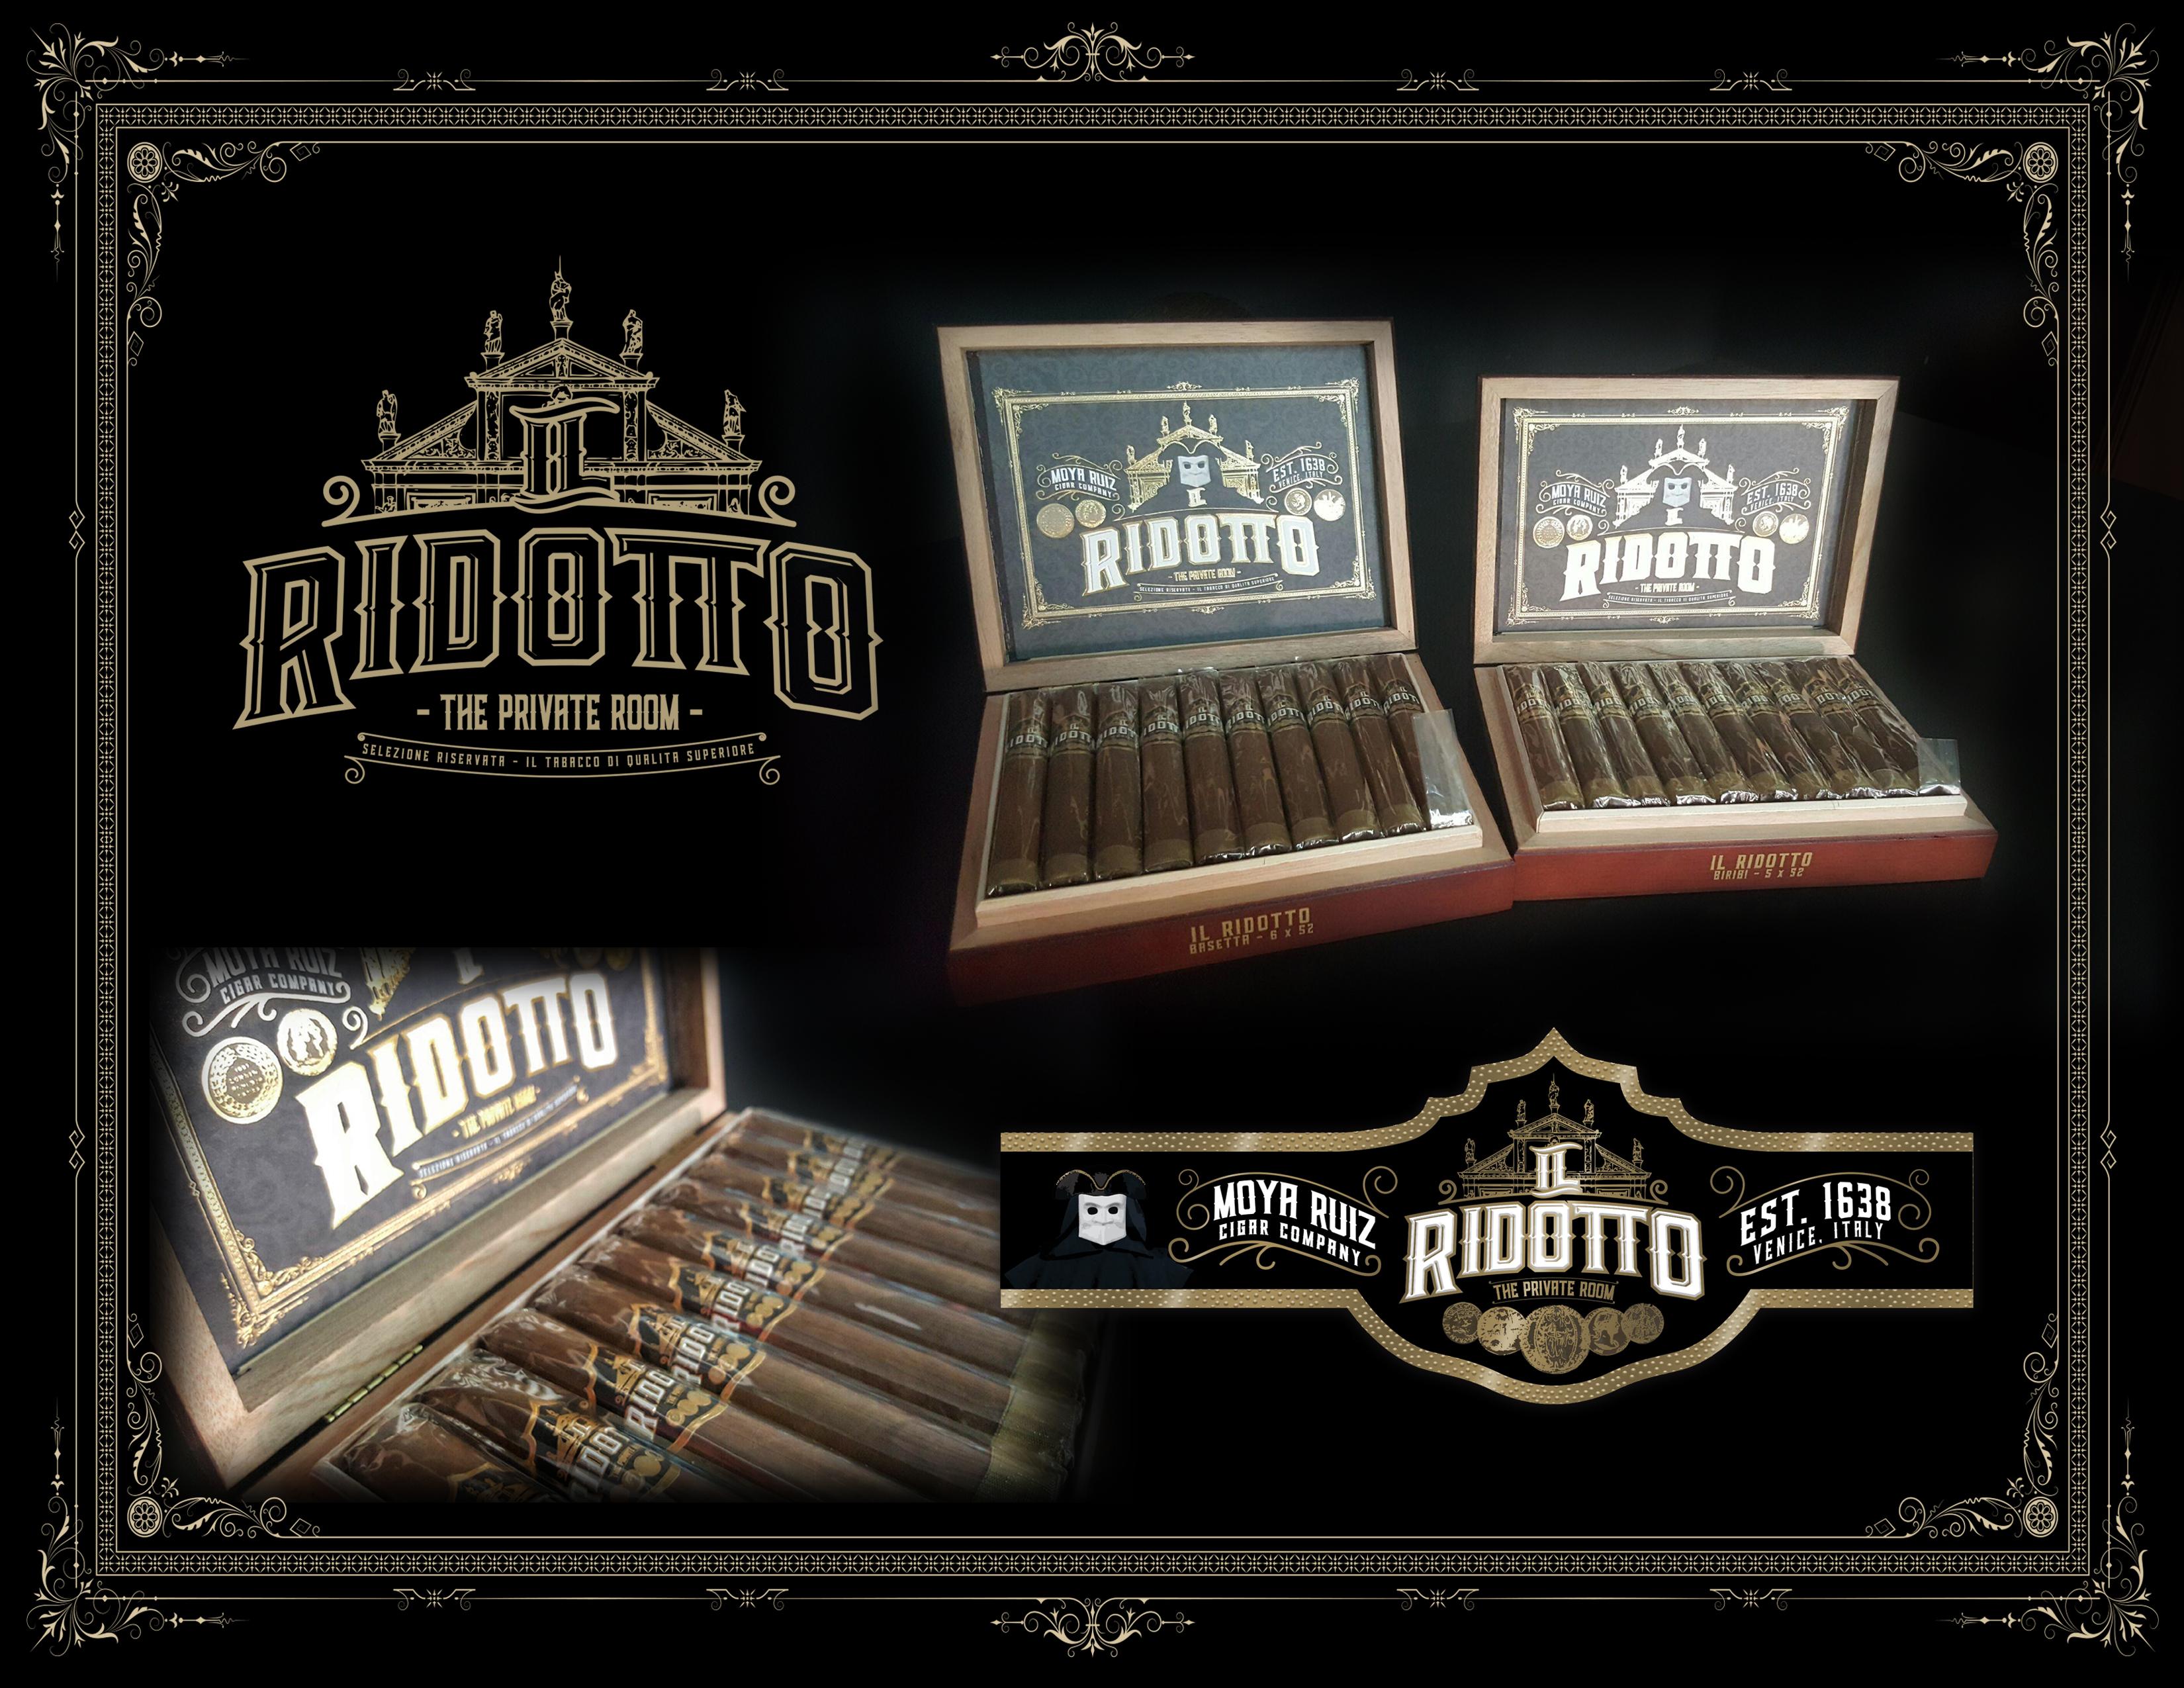 Il_Ridotto-The_Private_Room